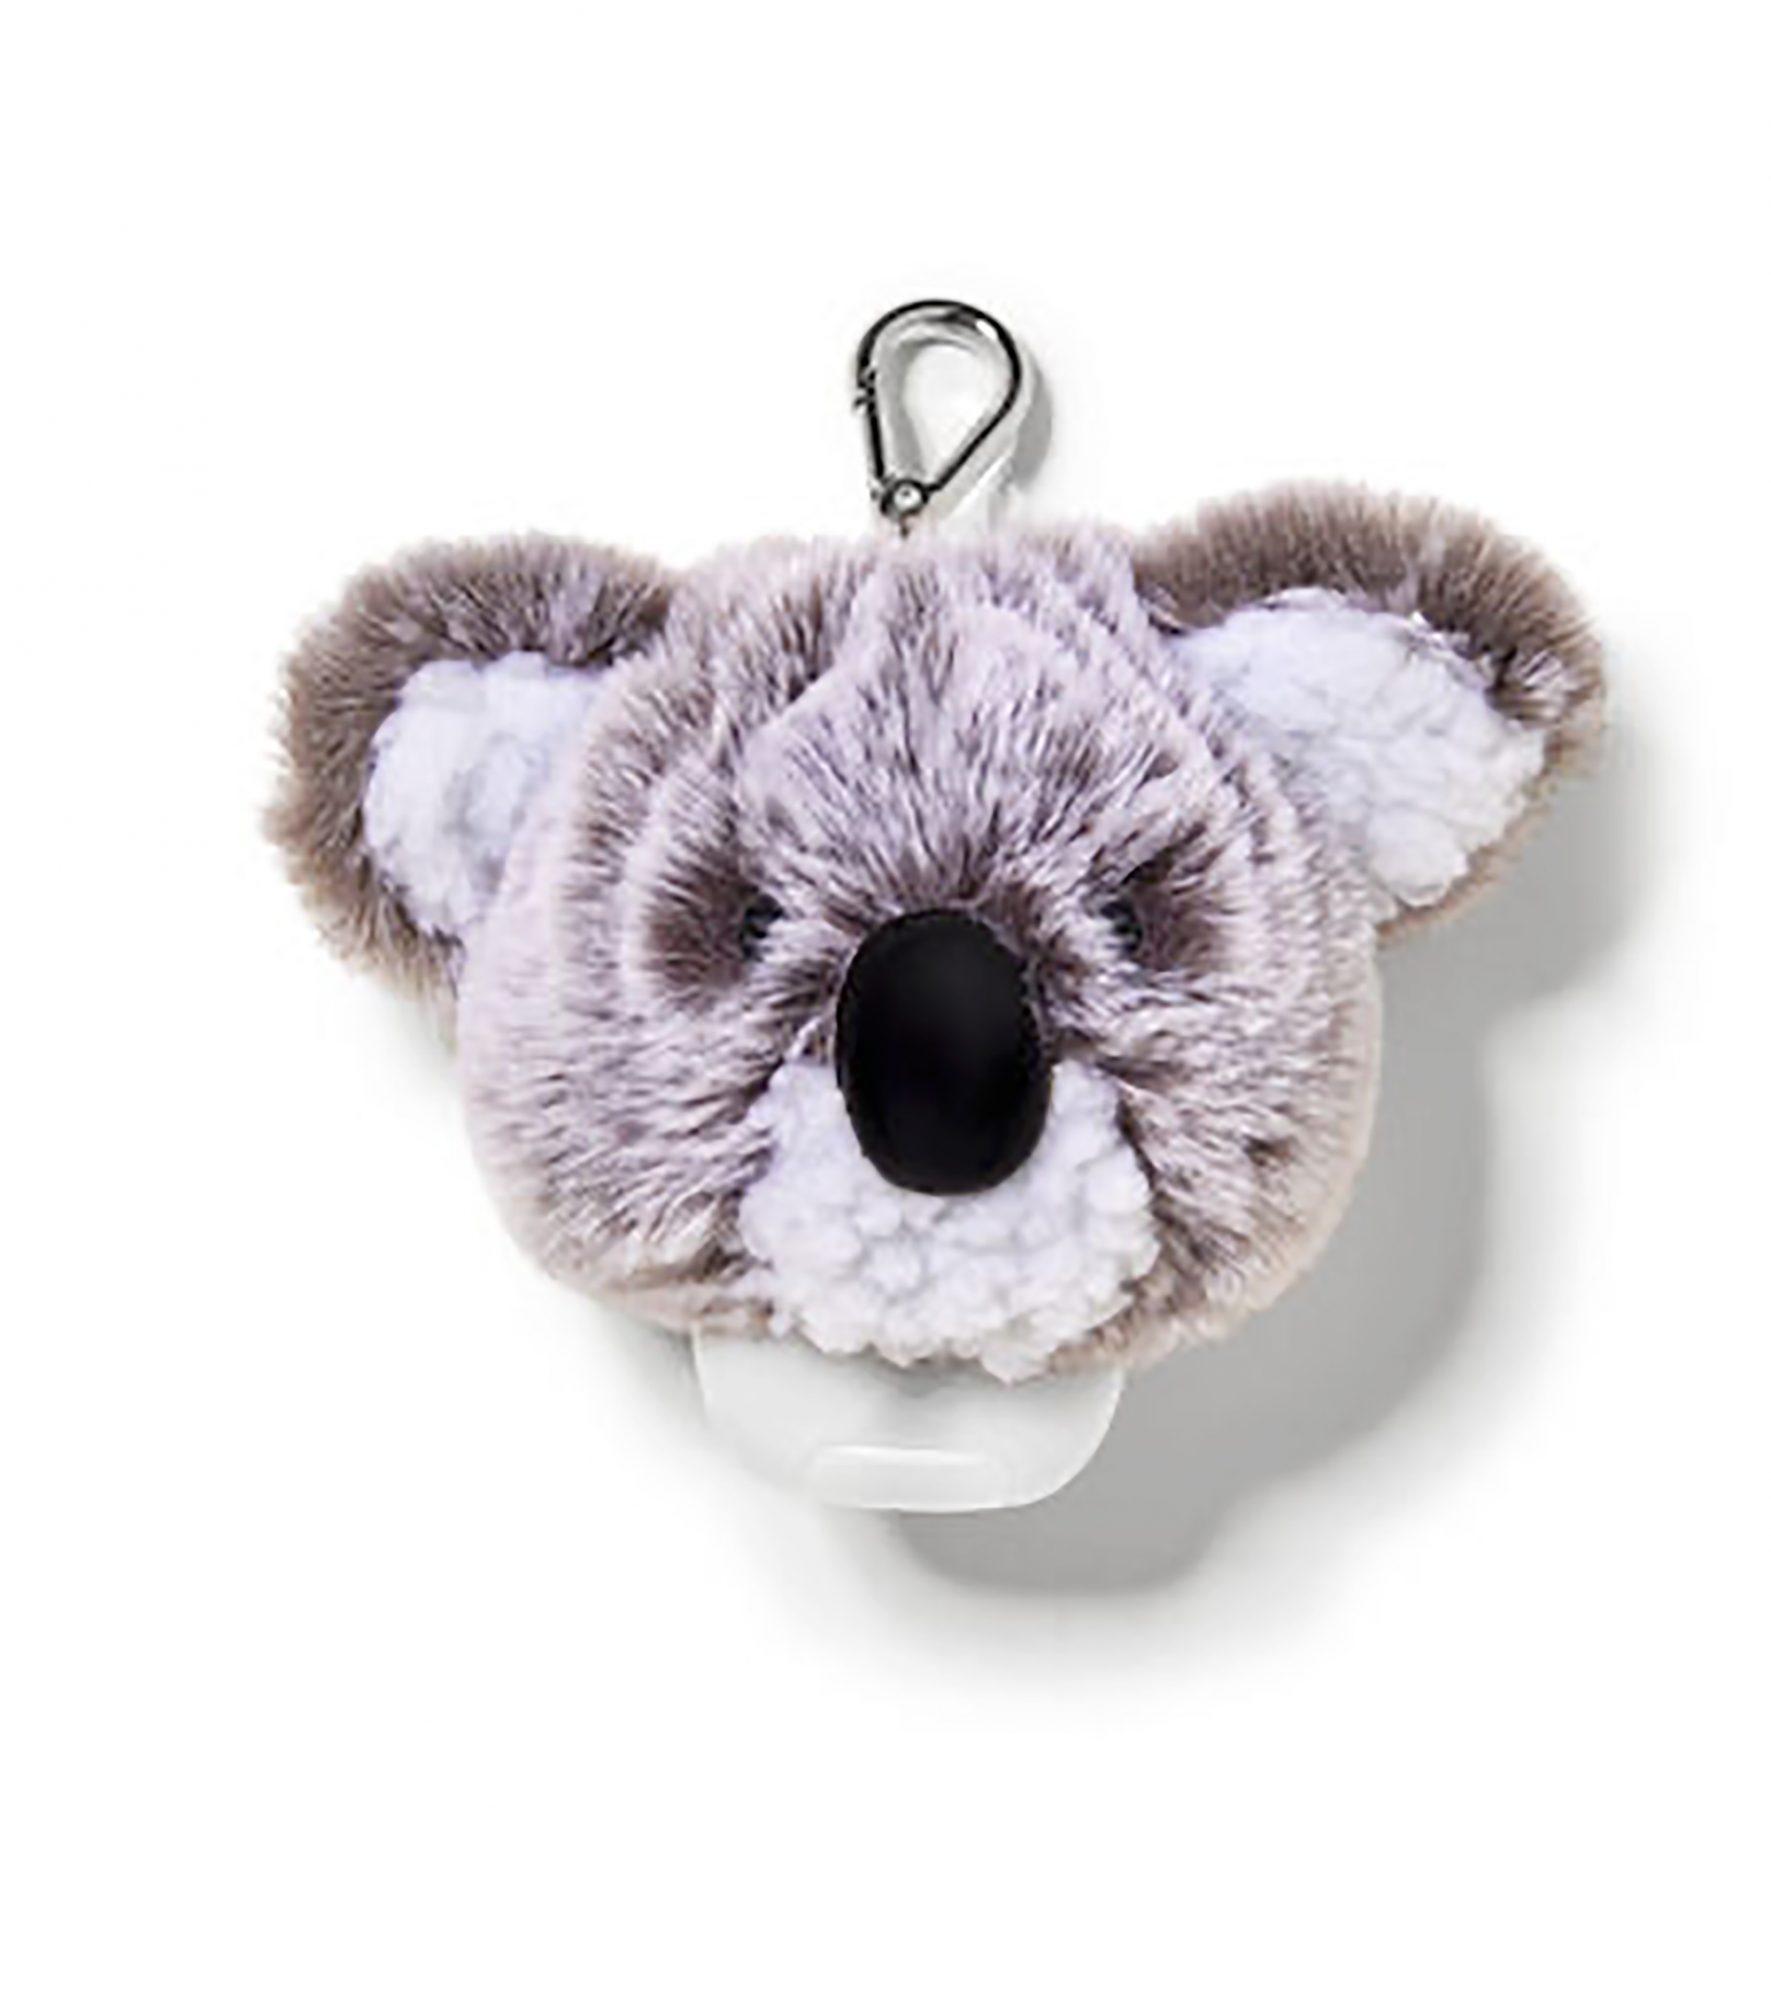 Un desinfectante de manos se ha transformado en algo que los chicos tienen que llevar en su morral. Nada mejor para darle un toque especial a este artículo esencial que un tierno koala.                             Precio: $9.95